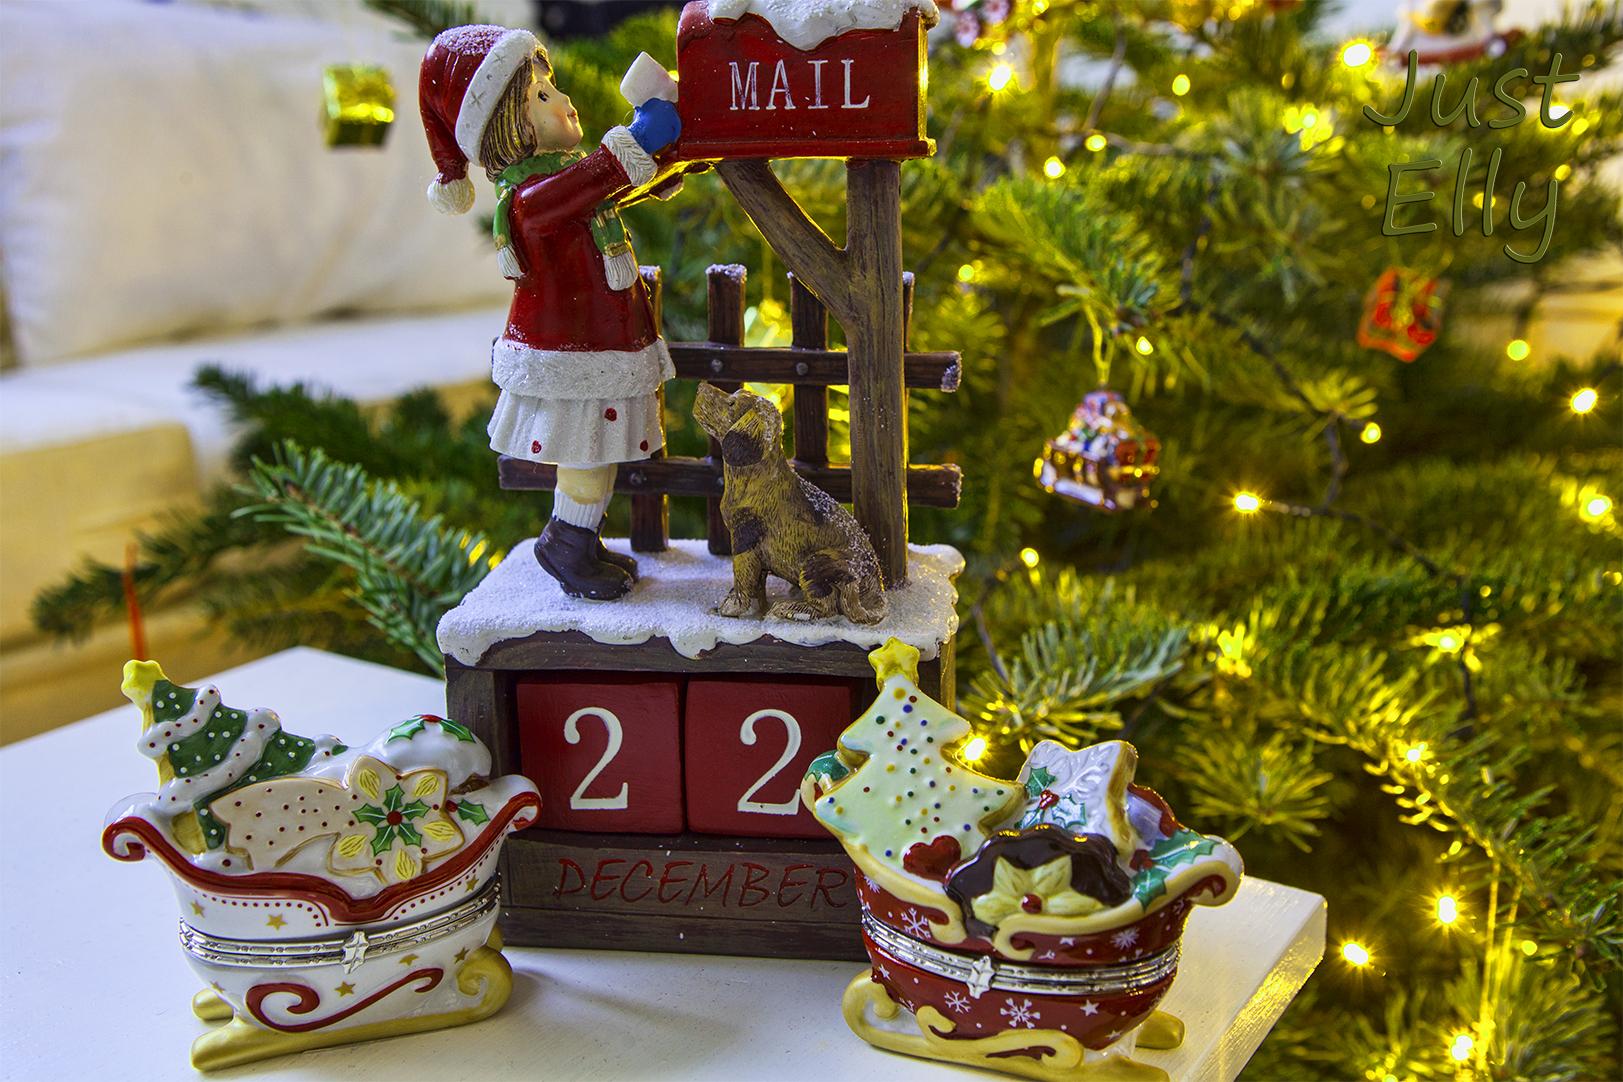 December 22nd - My advent calendar